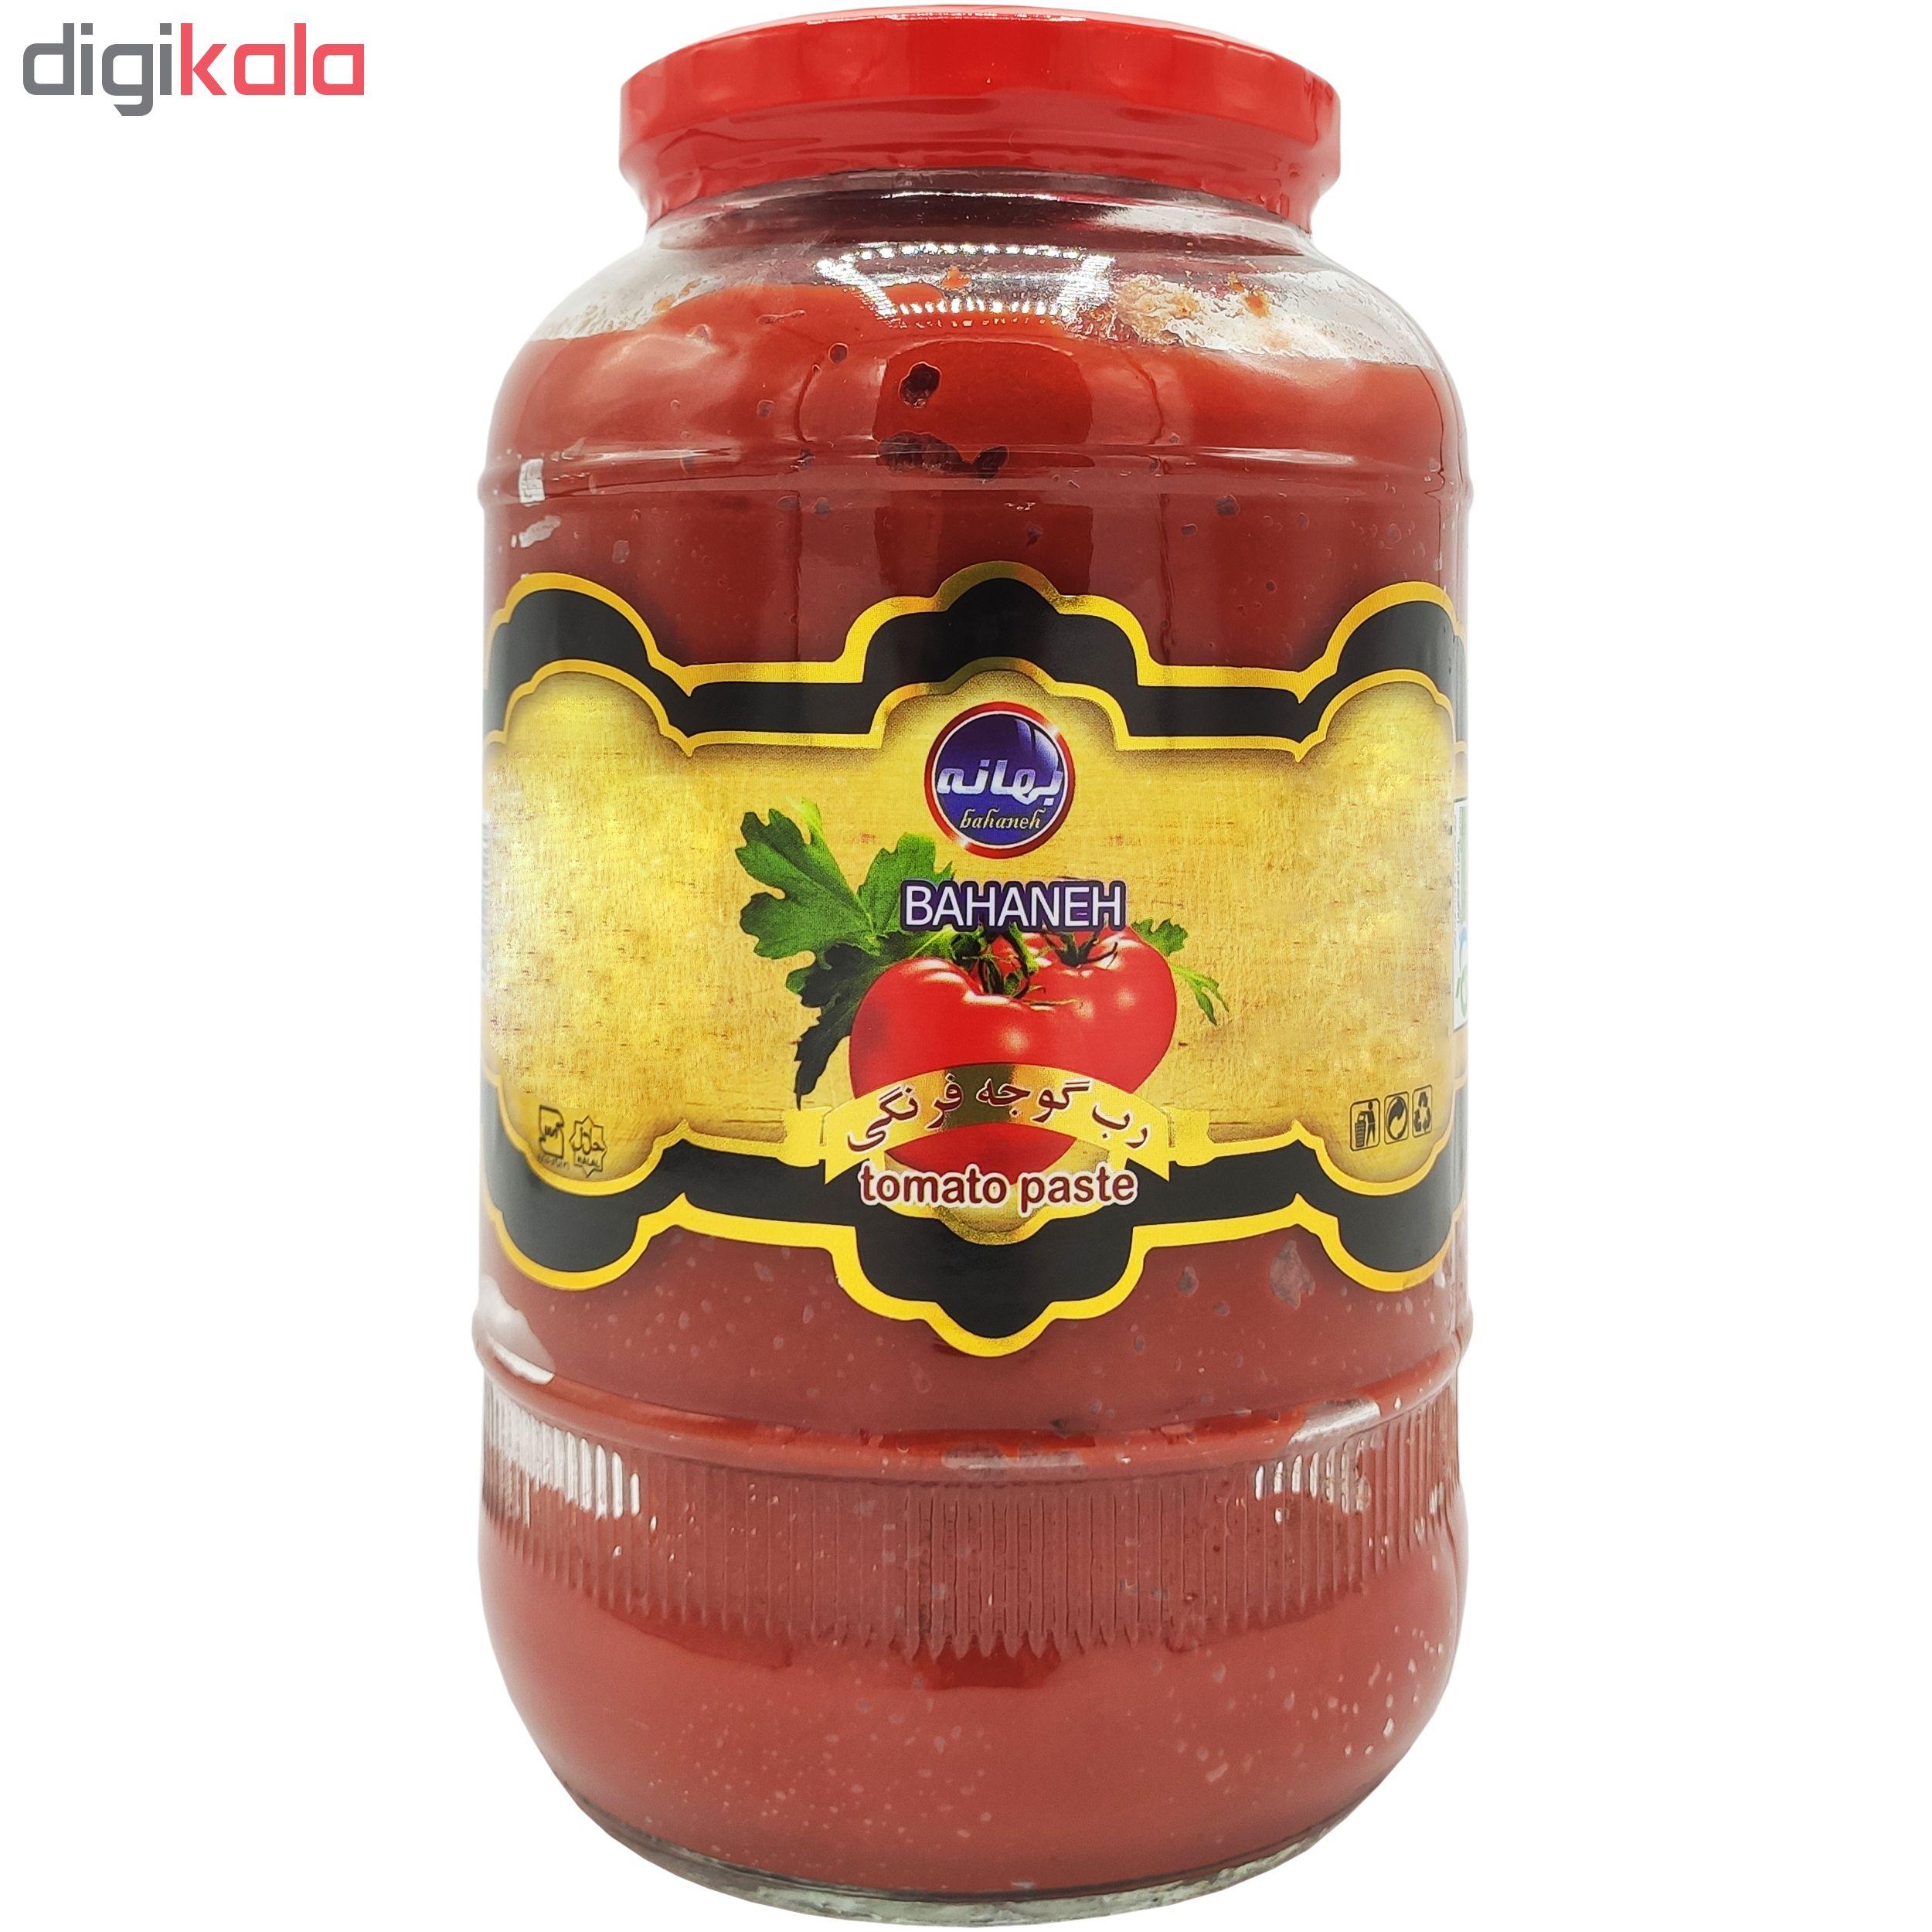 رب گوجه فرنگی بهانه مقدار 1550 گرم